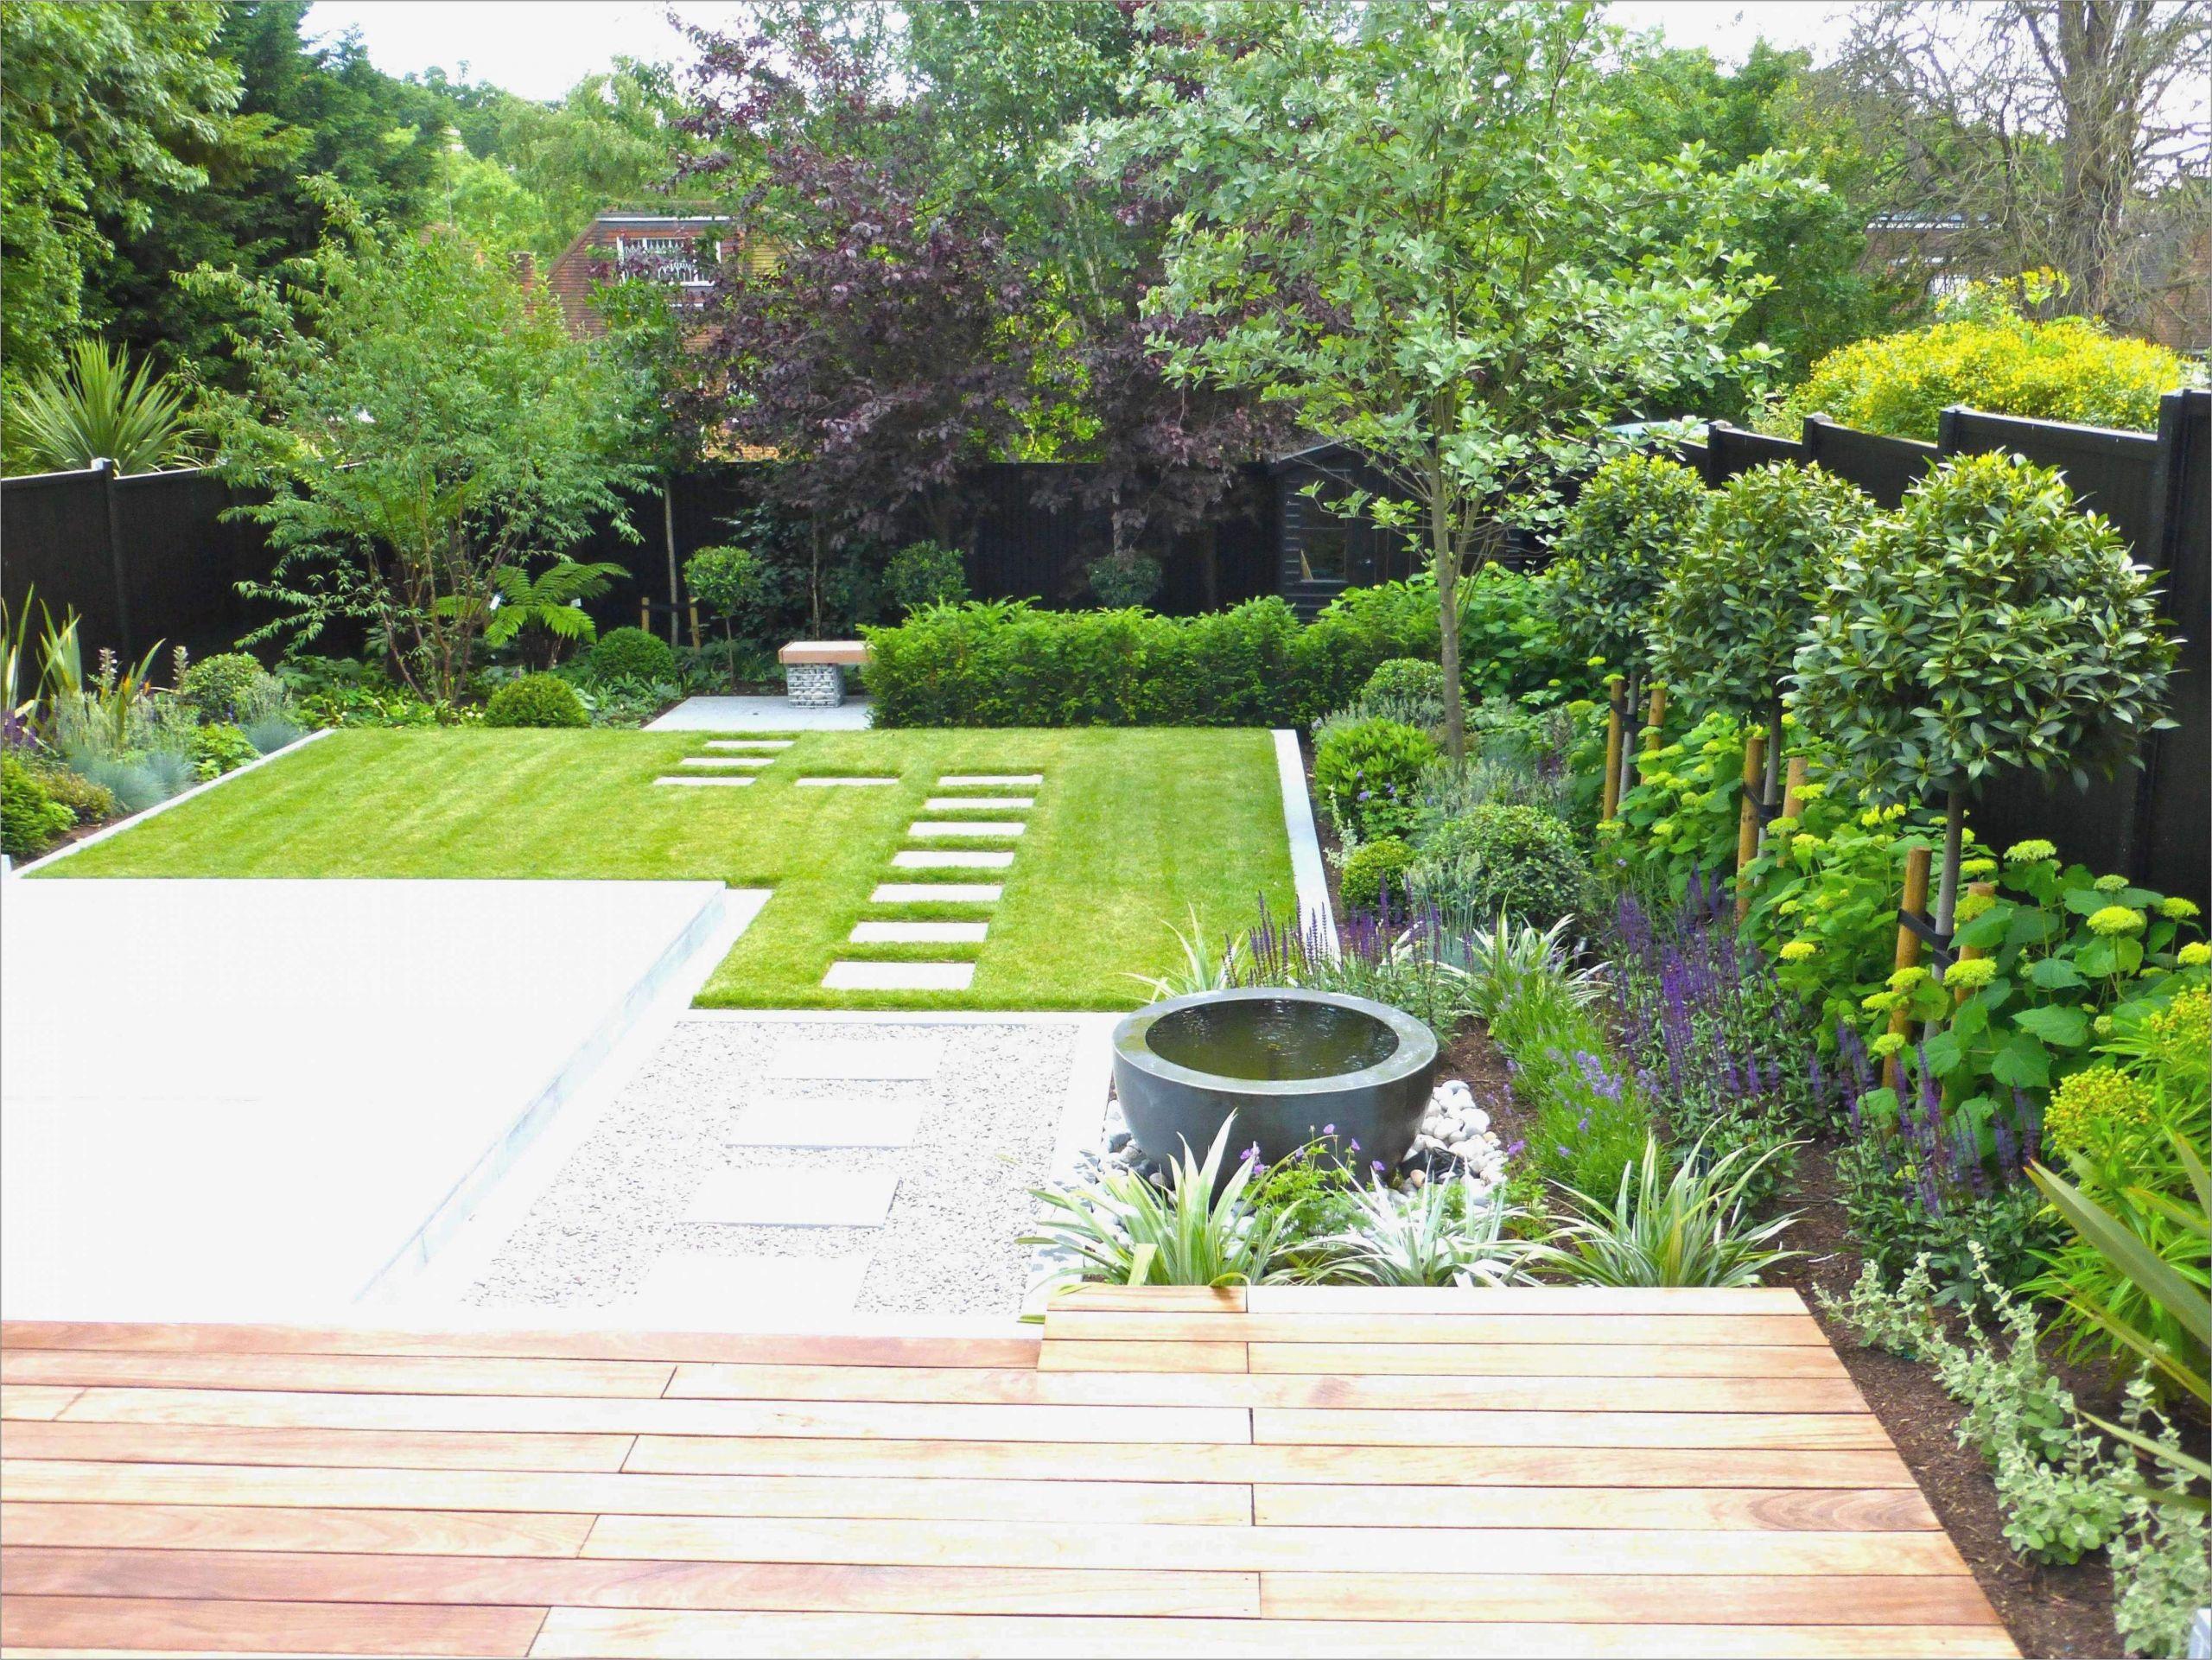 Betonmöbel Garten Reizend Ideen Für Grillplatz Im Garten — Temobardz Home Blog